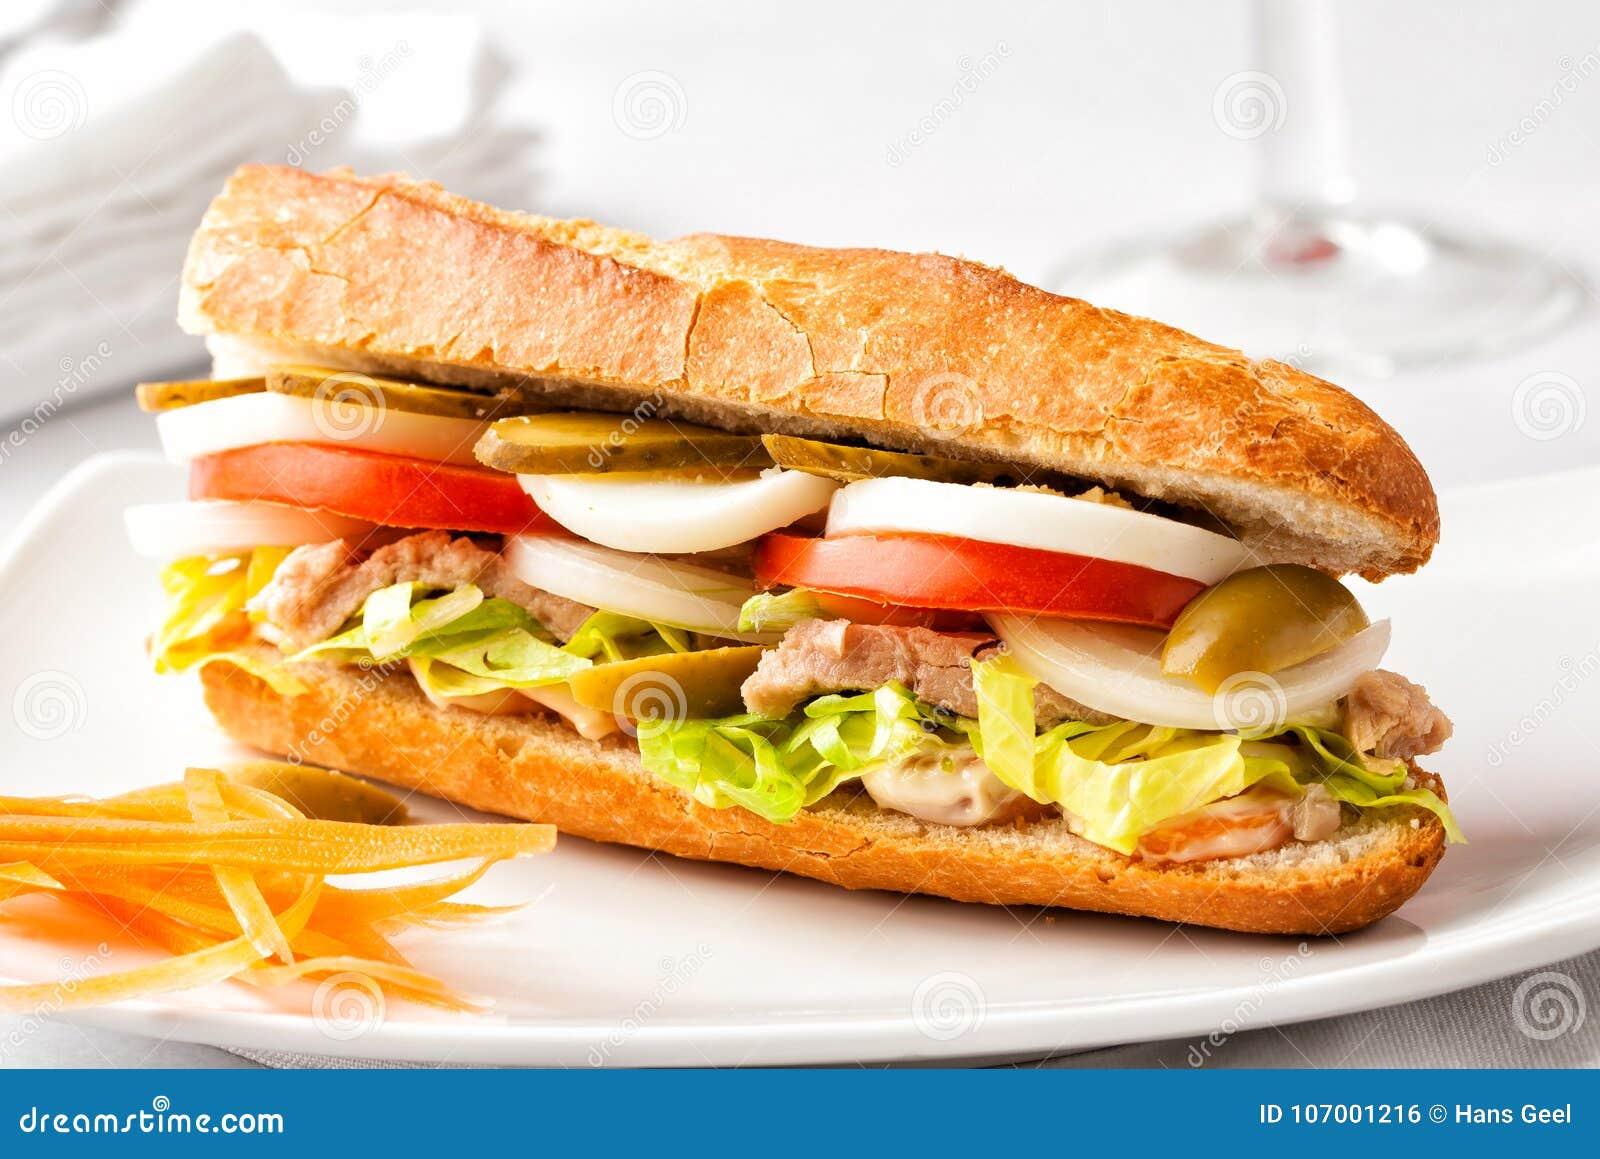 Φρέσκο υγιές σάντουιτς baguette σε ένα άσπρο πιάτο